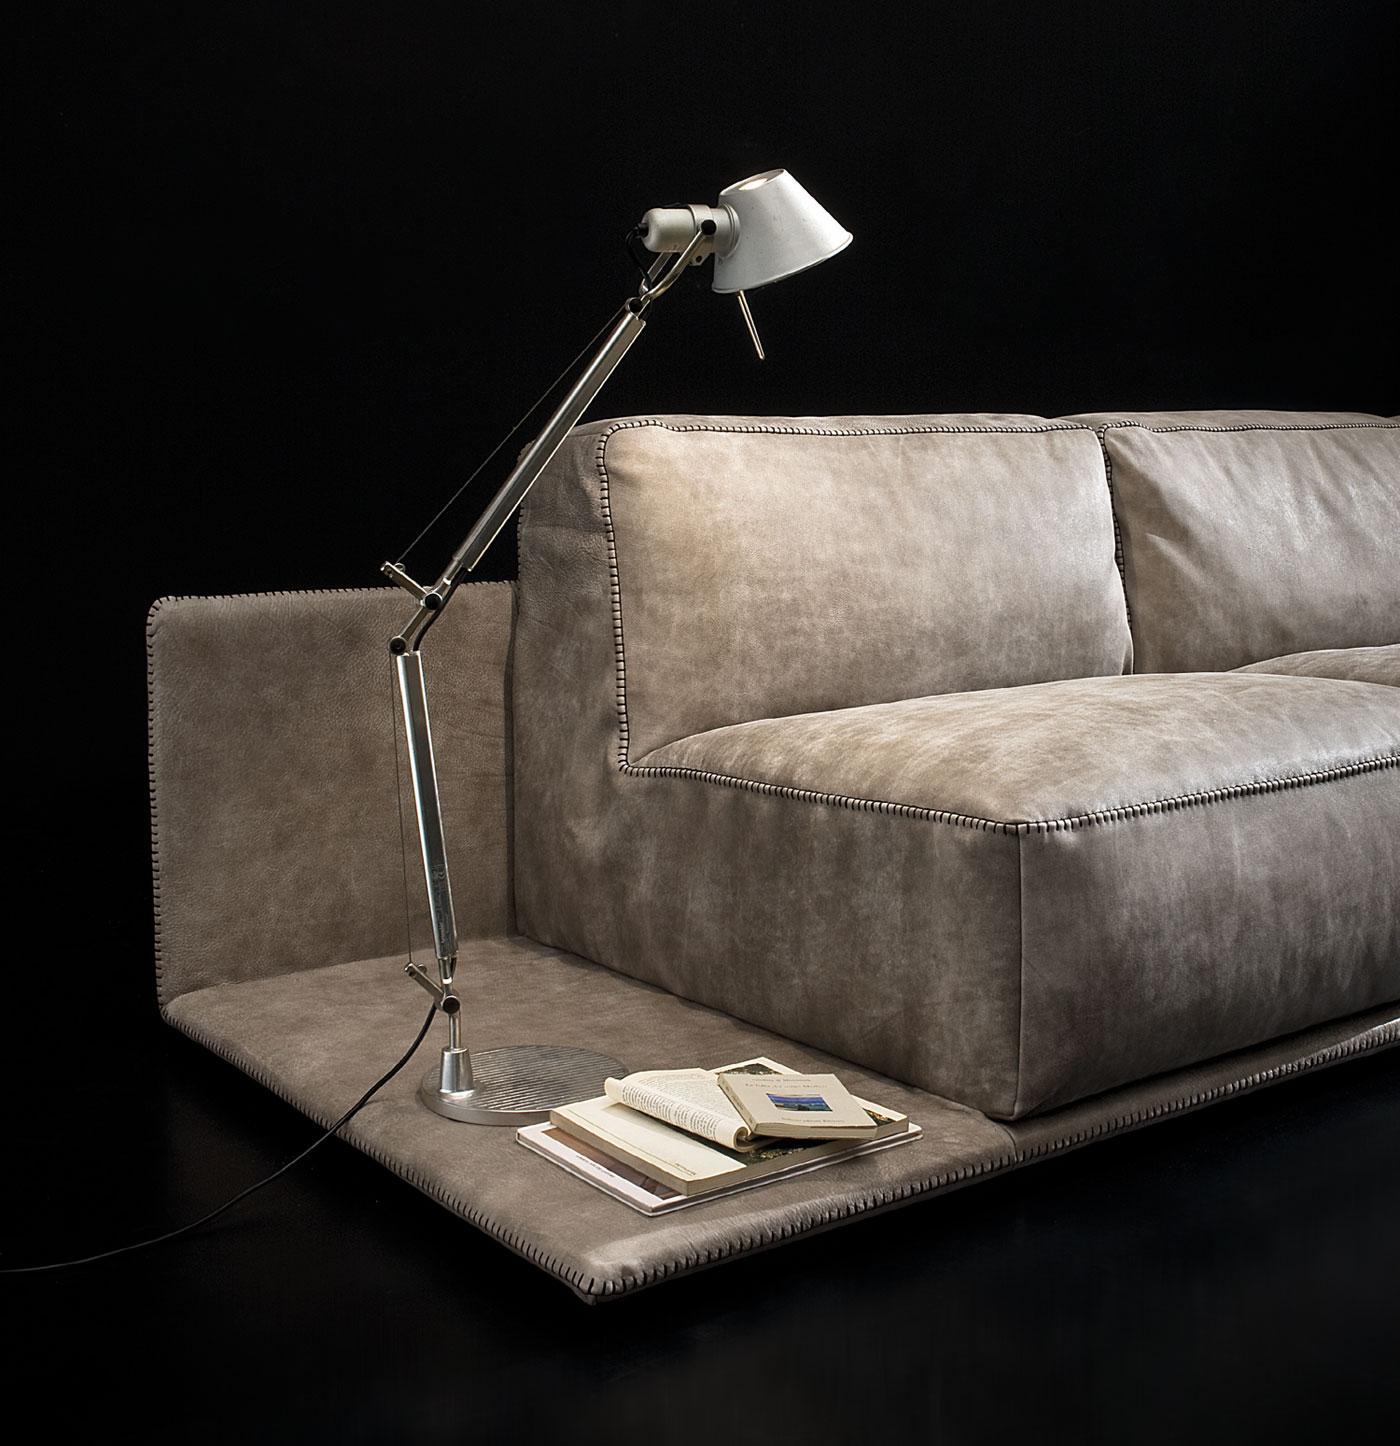 border divano in pelle ad angolo - italy dream design - Angolo Divano In Pelle Nera Divano Sogno Bianco